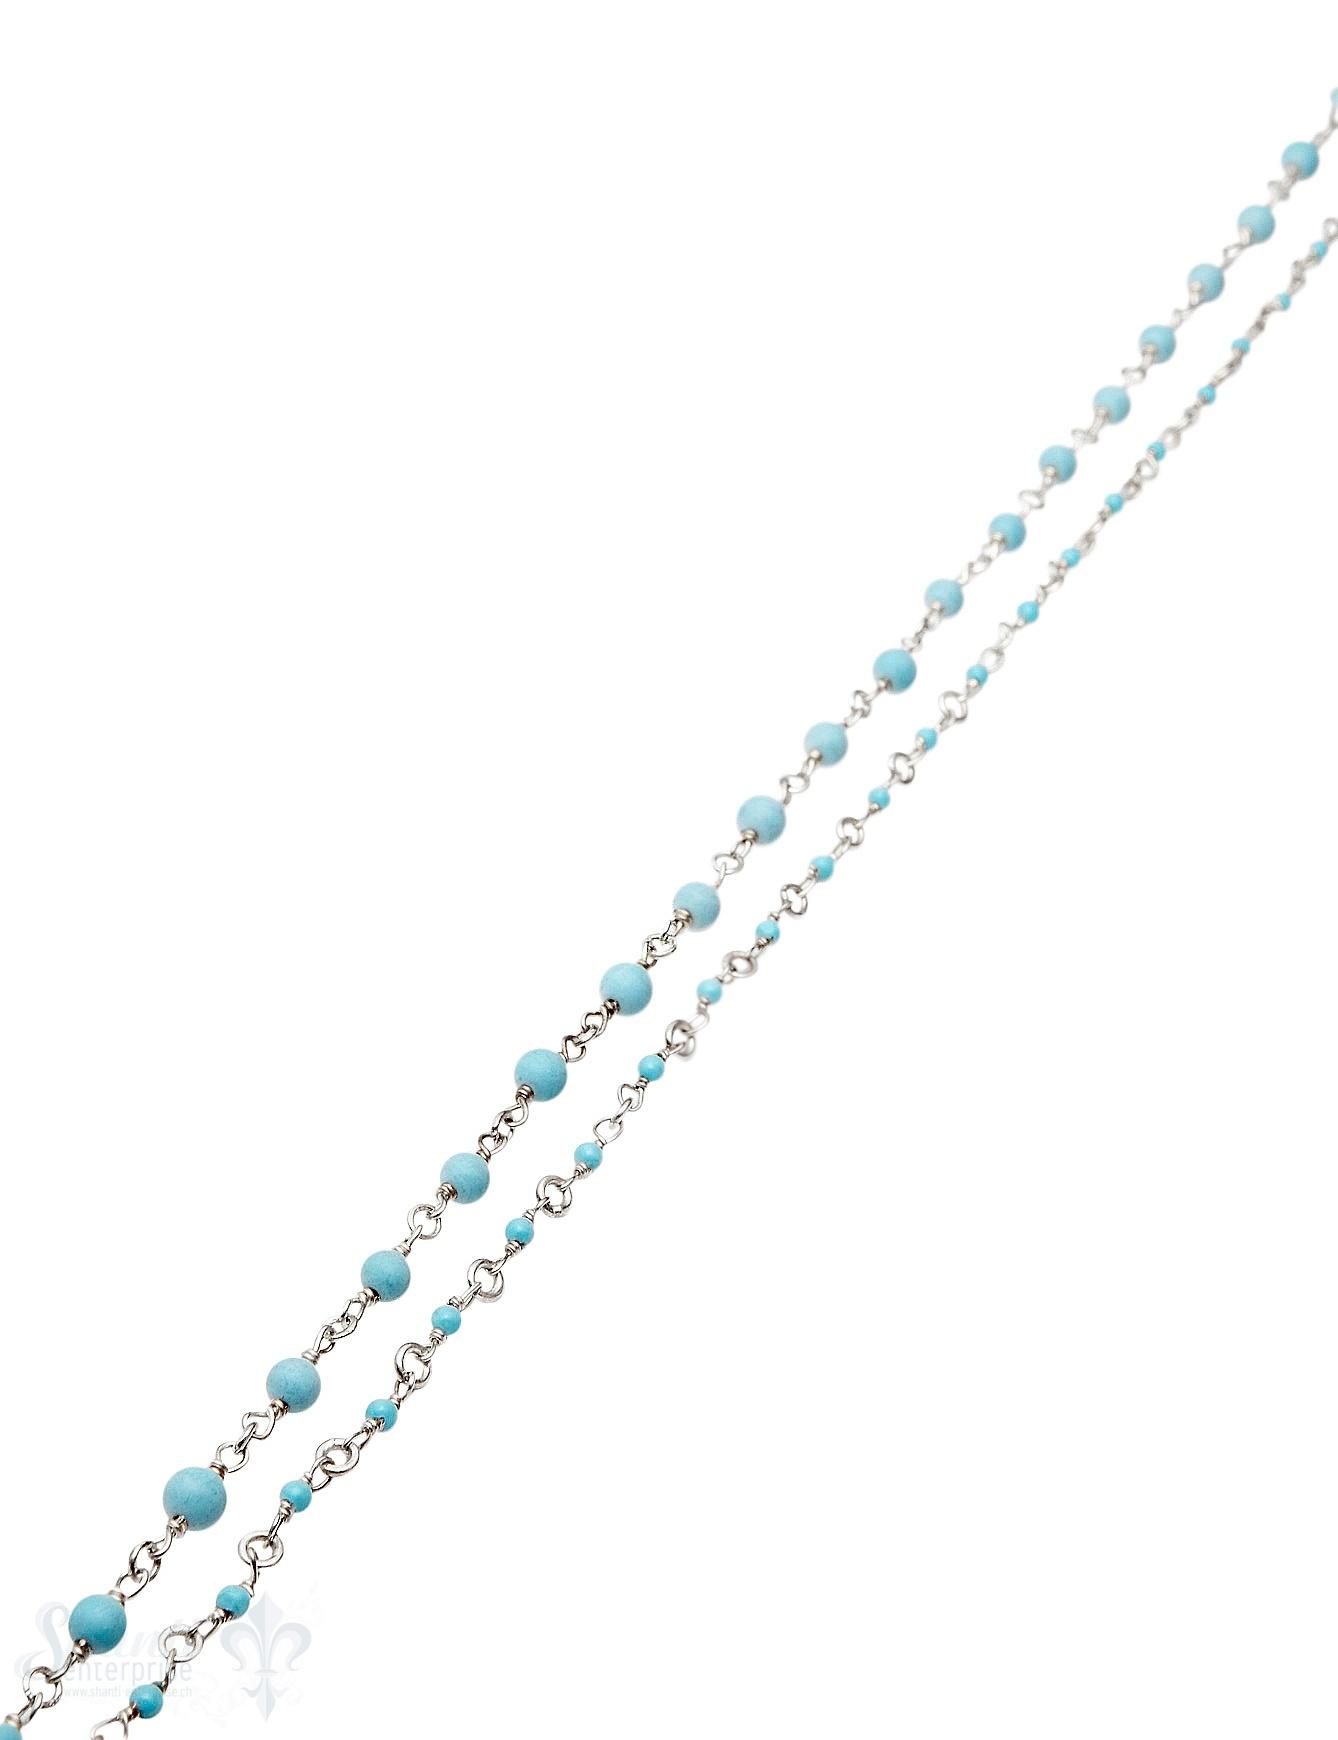 Rosenkranzkette Türkis gepresst himmelblau rund poliert Silber Abschnittlänge wird angepasst Preis per m